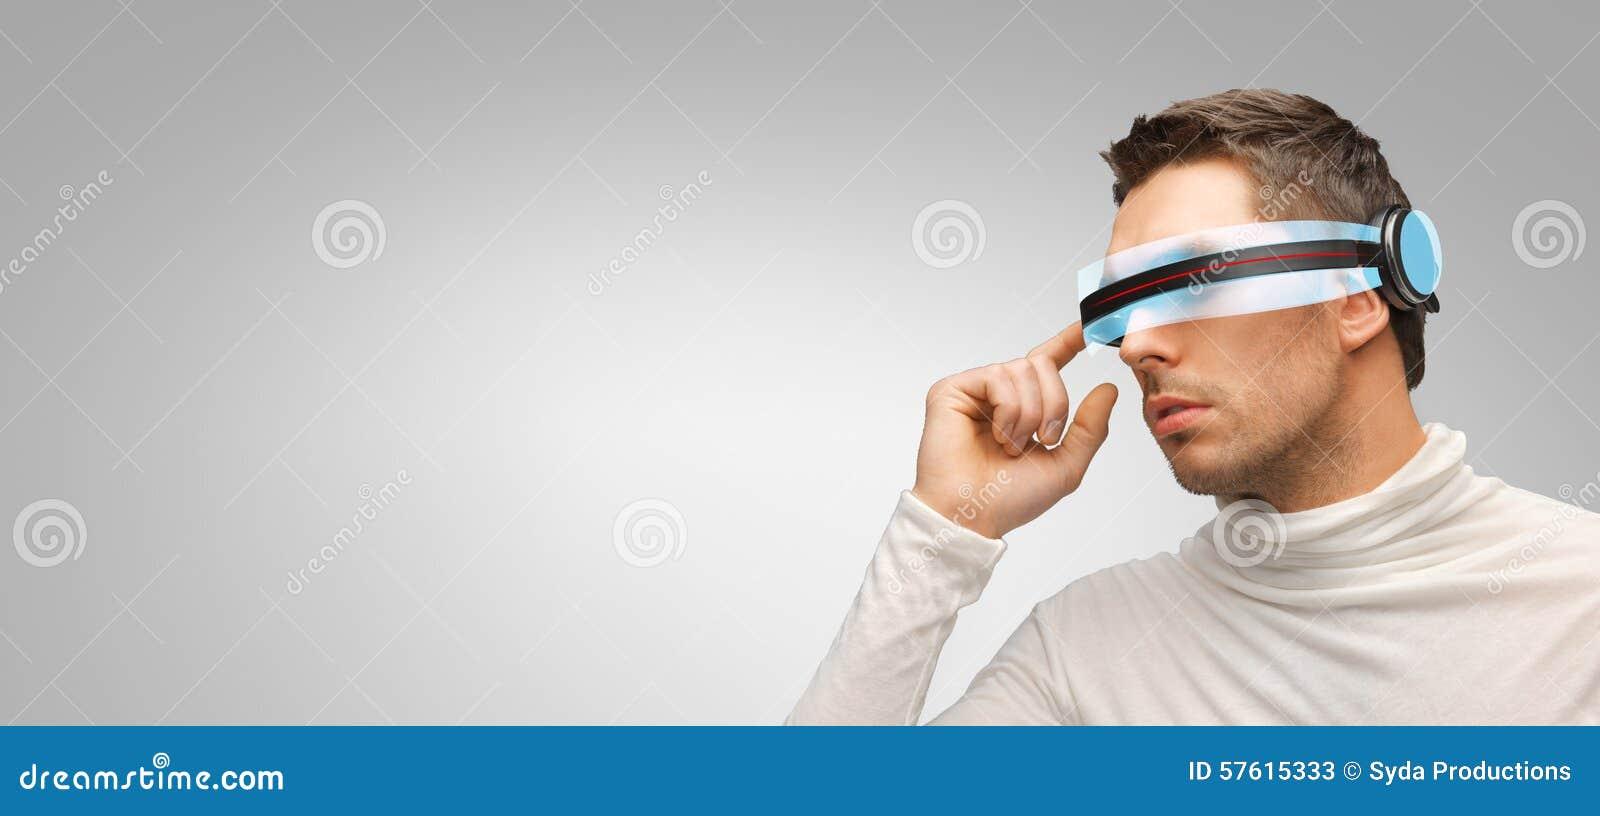 S Futuristic Glasses